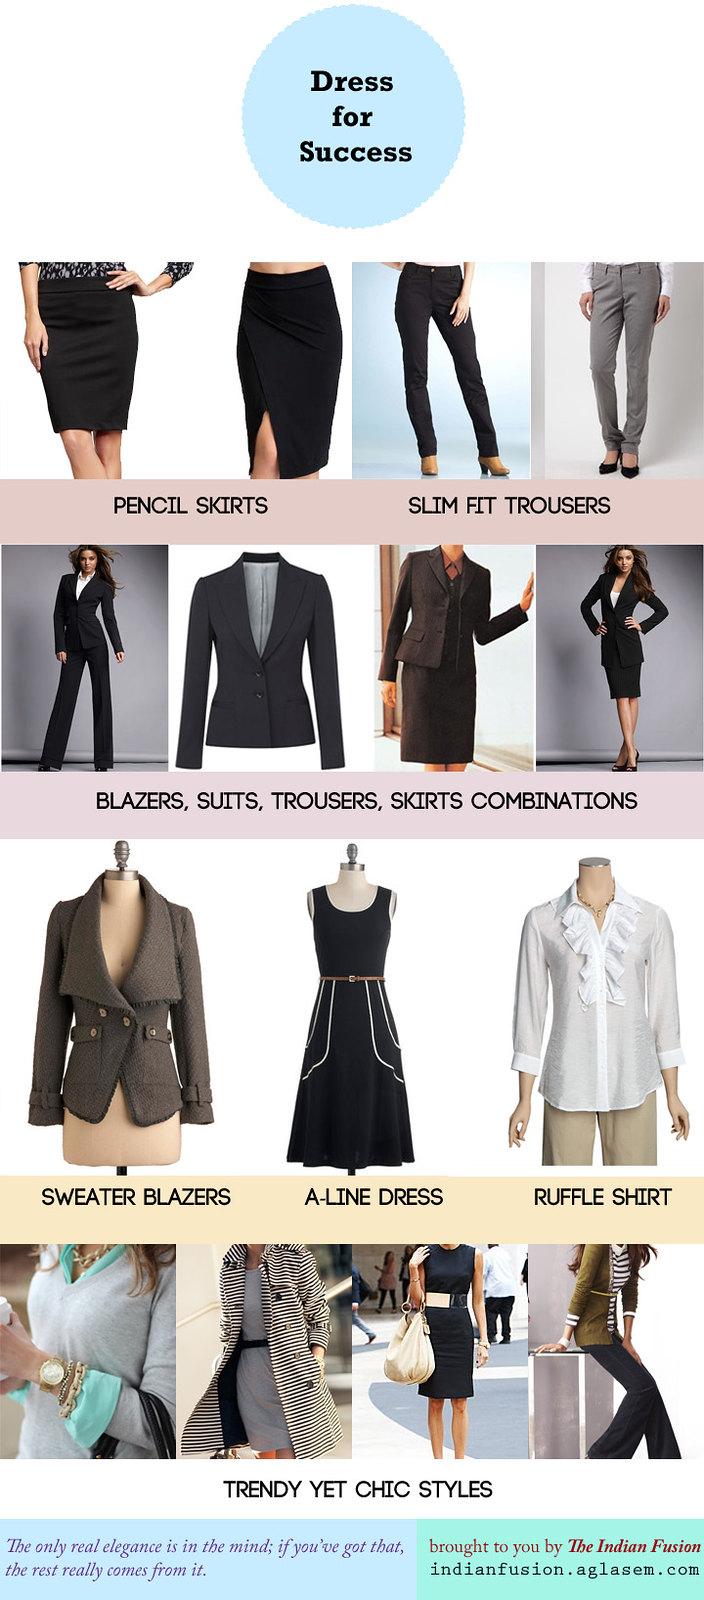 Women Office wear guide